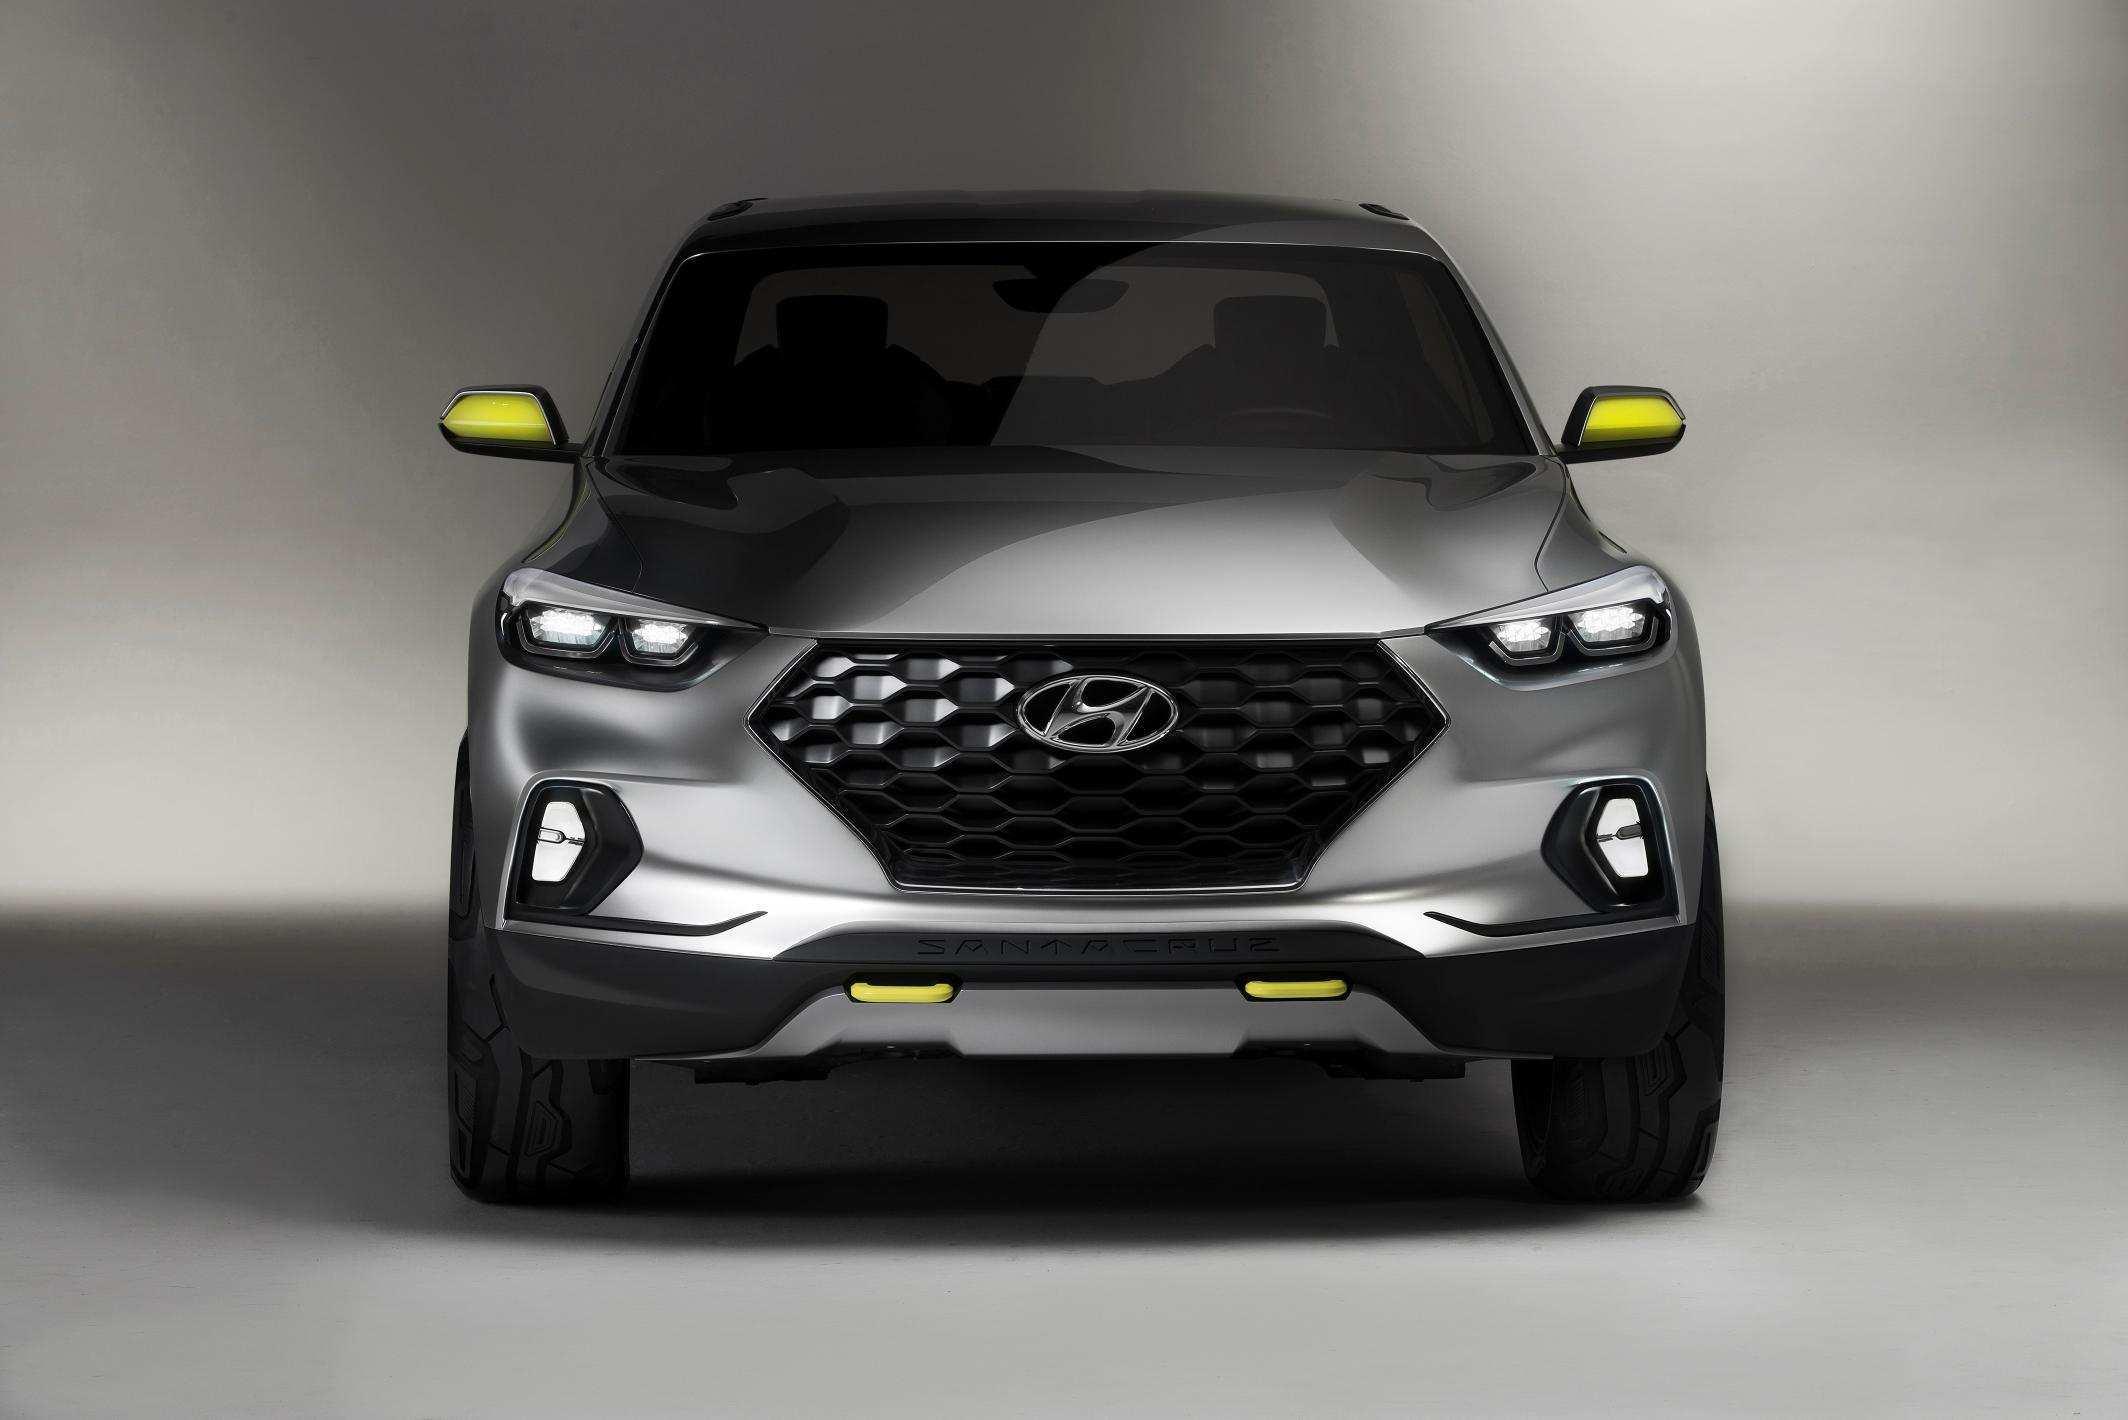 16 The Hyundai Concept 2020 Exterior by Hyundai Concept 2020